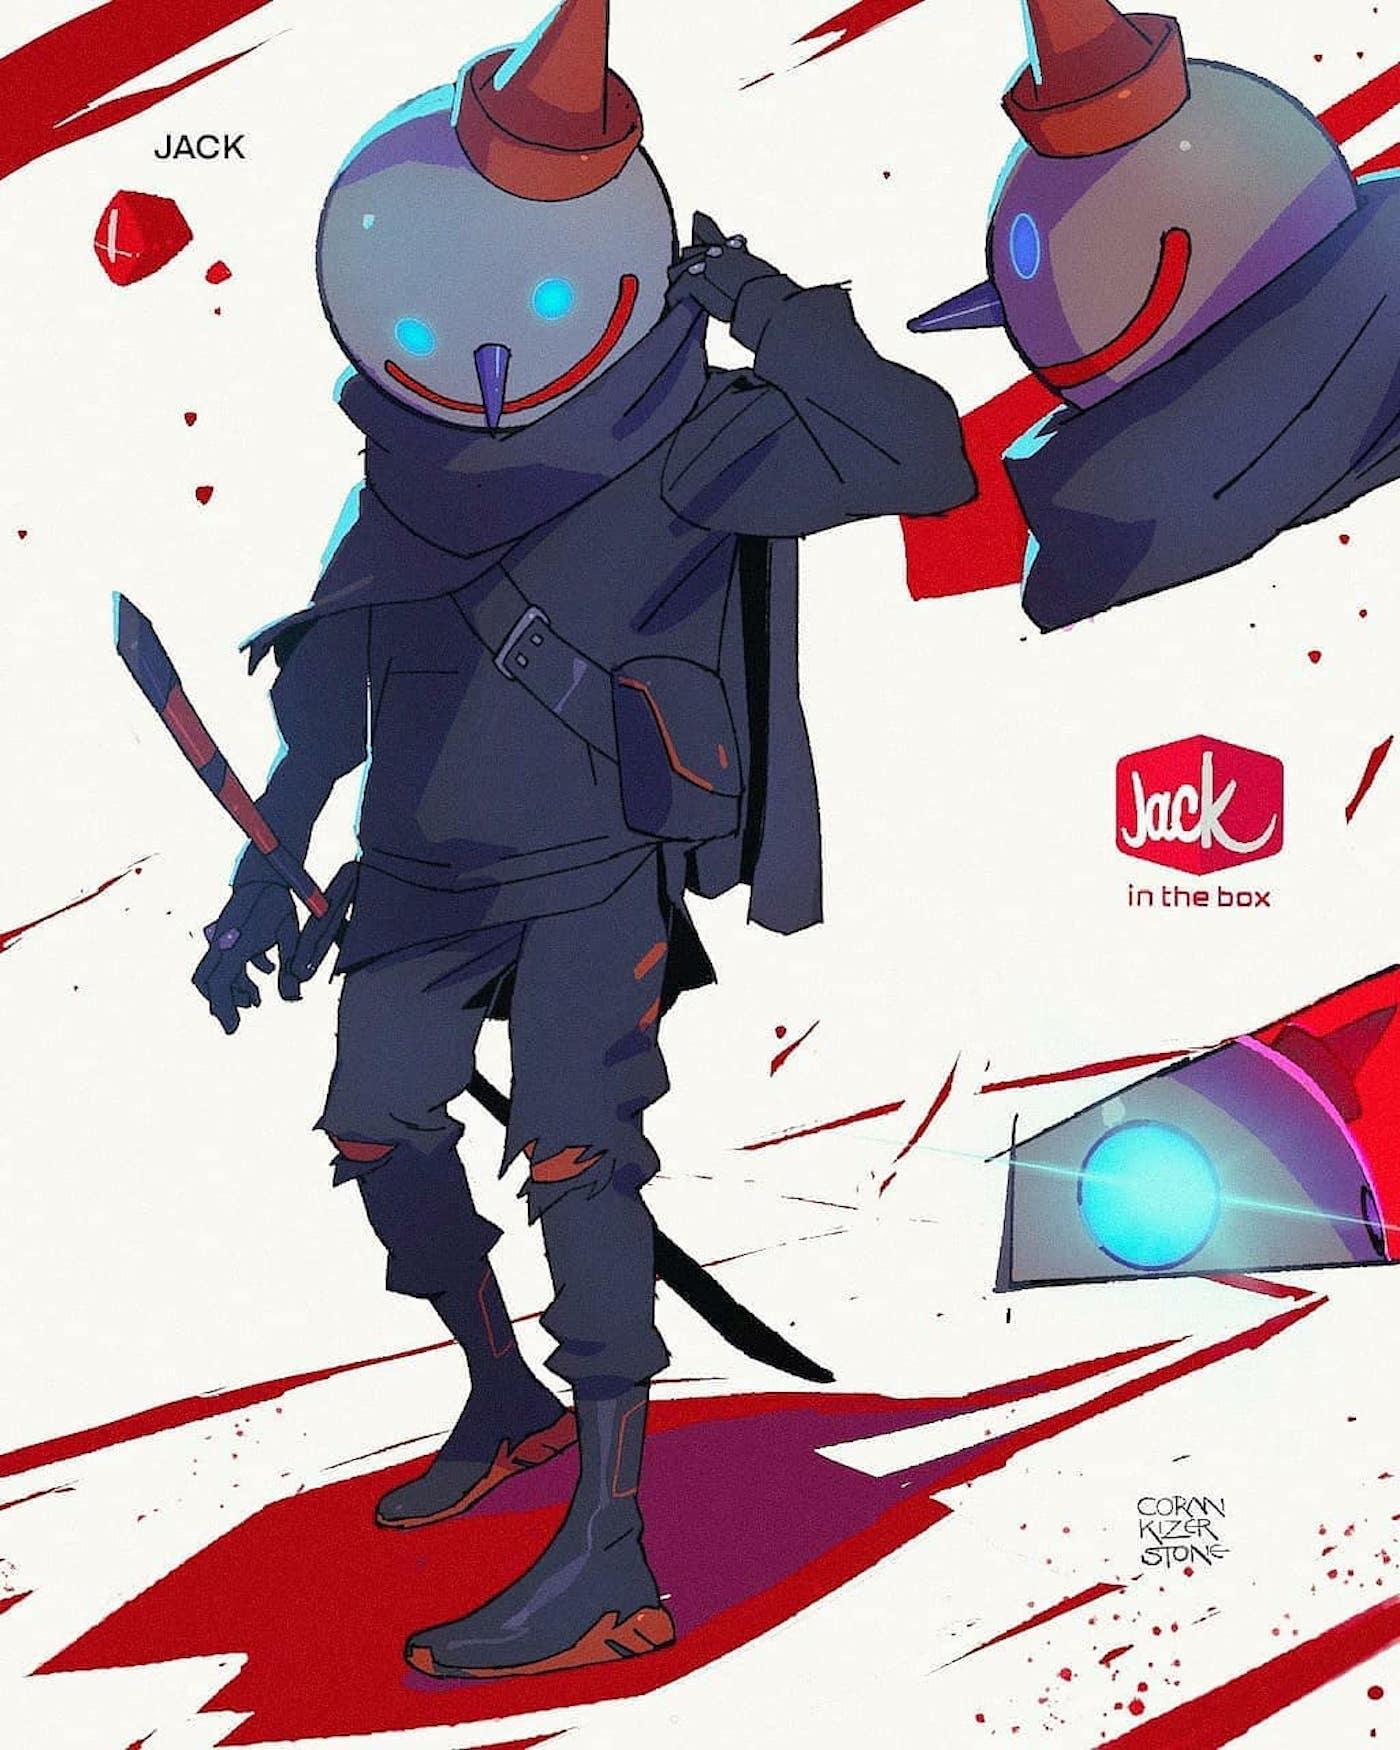 L'artiste Coran Kizer Stone transforme les marques de fast-food en personnages guerriers